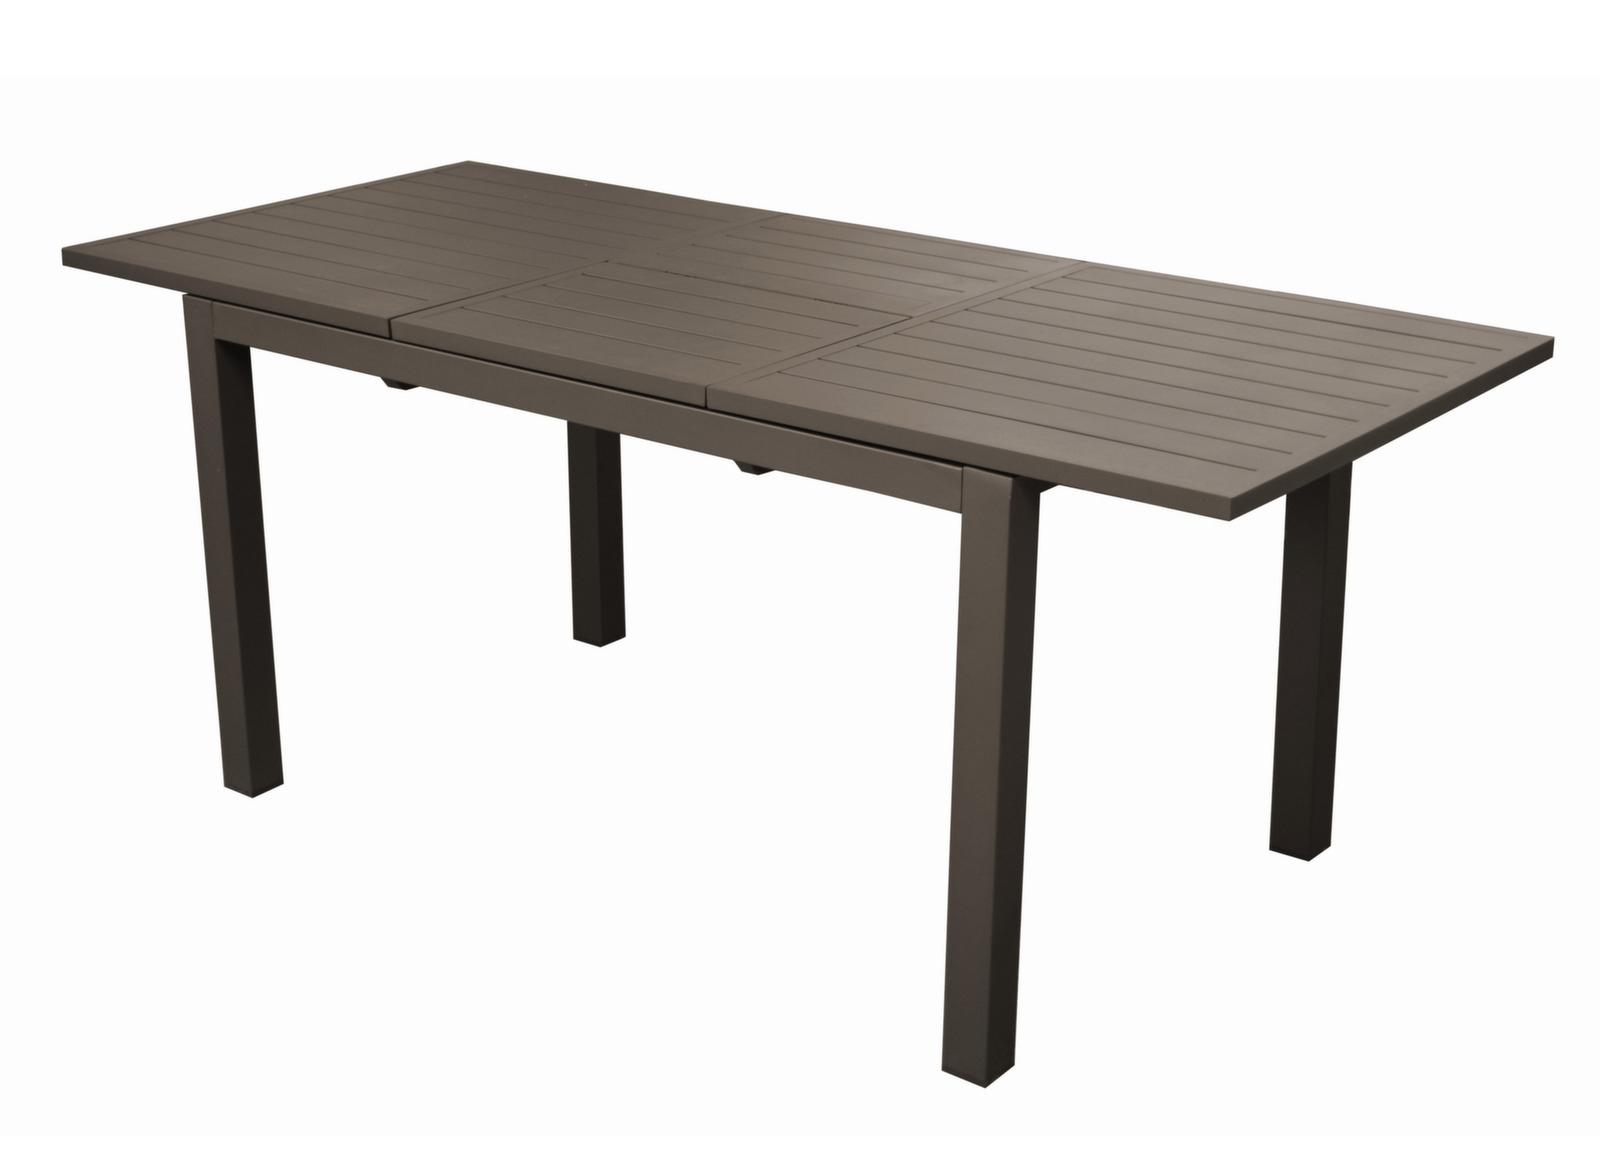 Table Trieste 130/180 Cm + 6 Chaises Théma à Conforama Table De Jardin